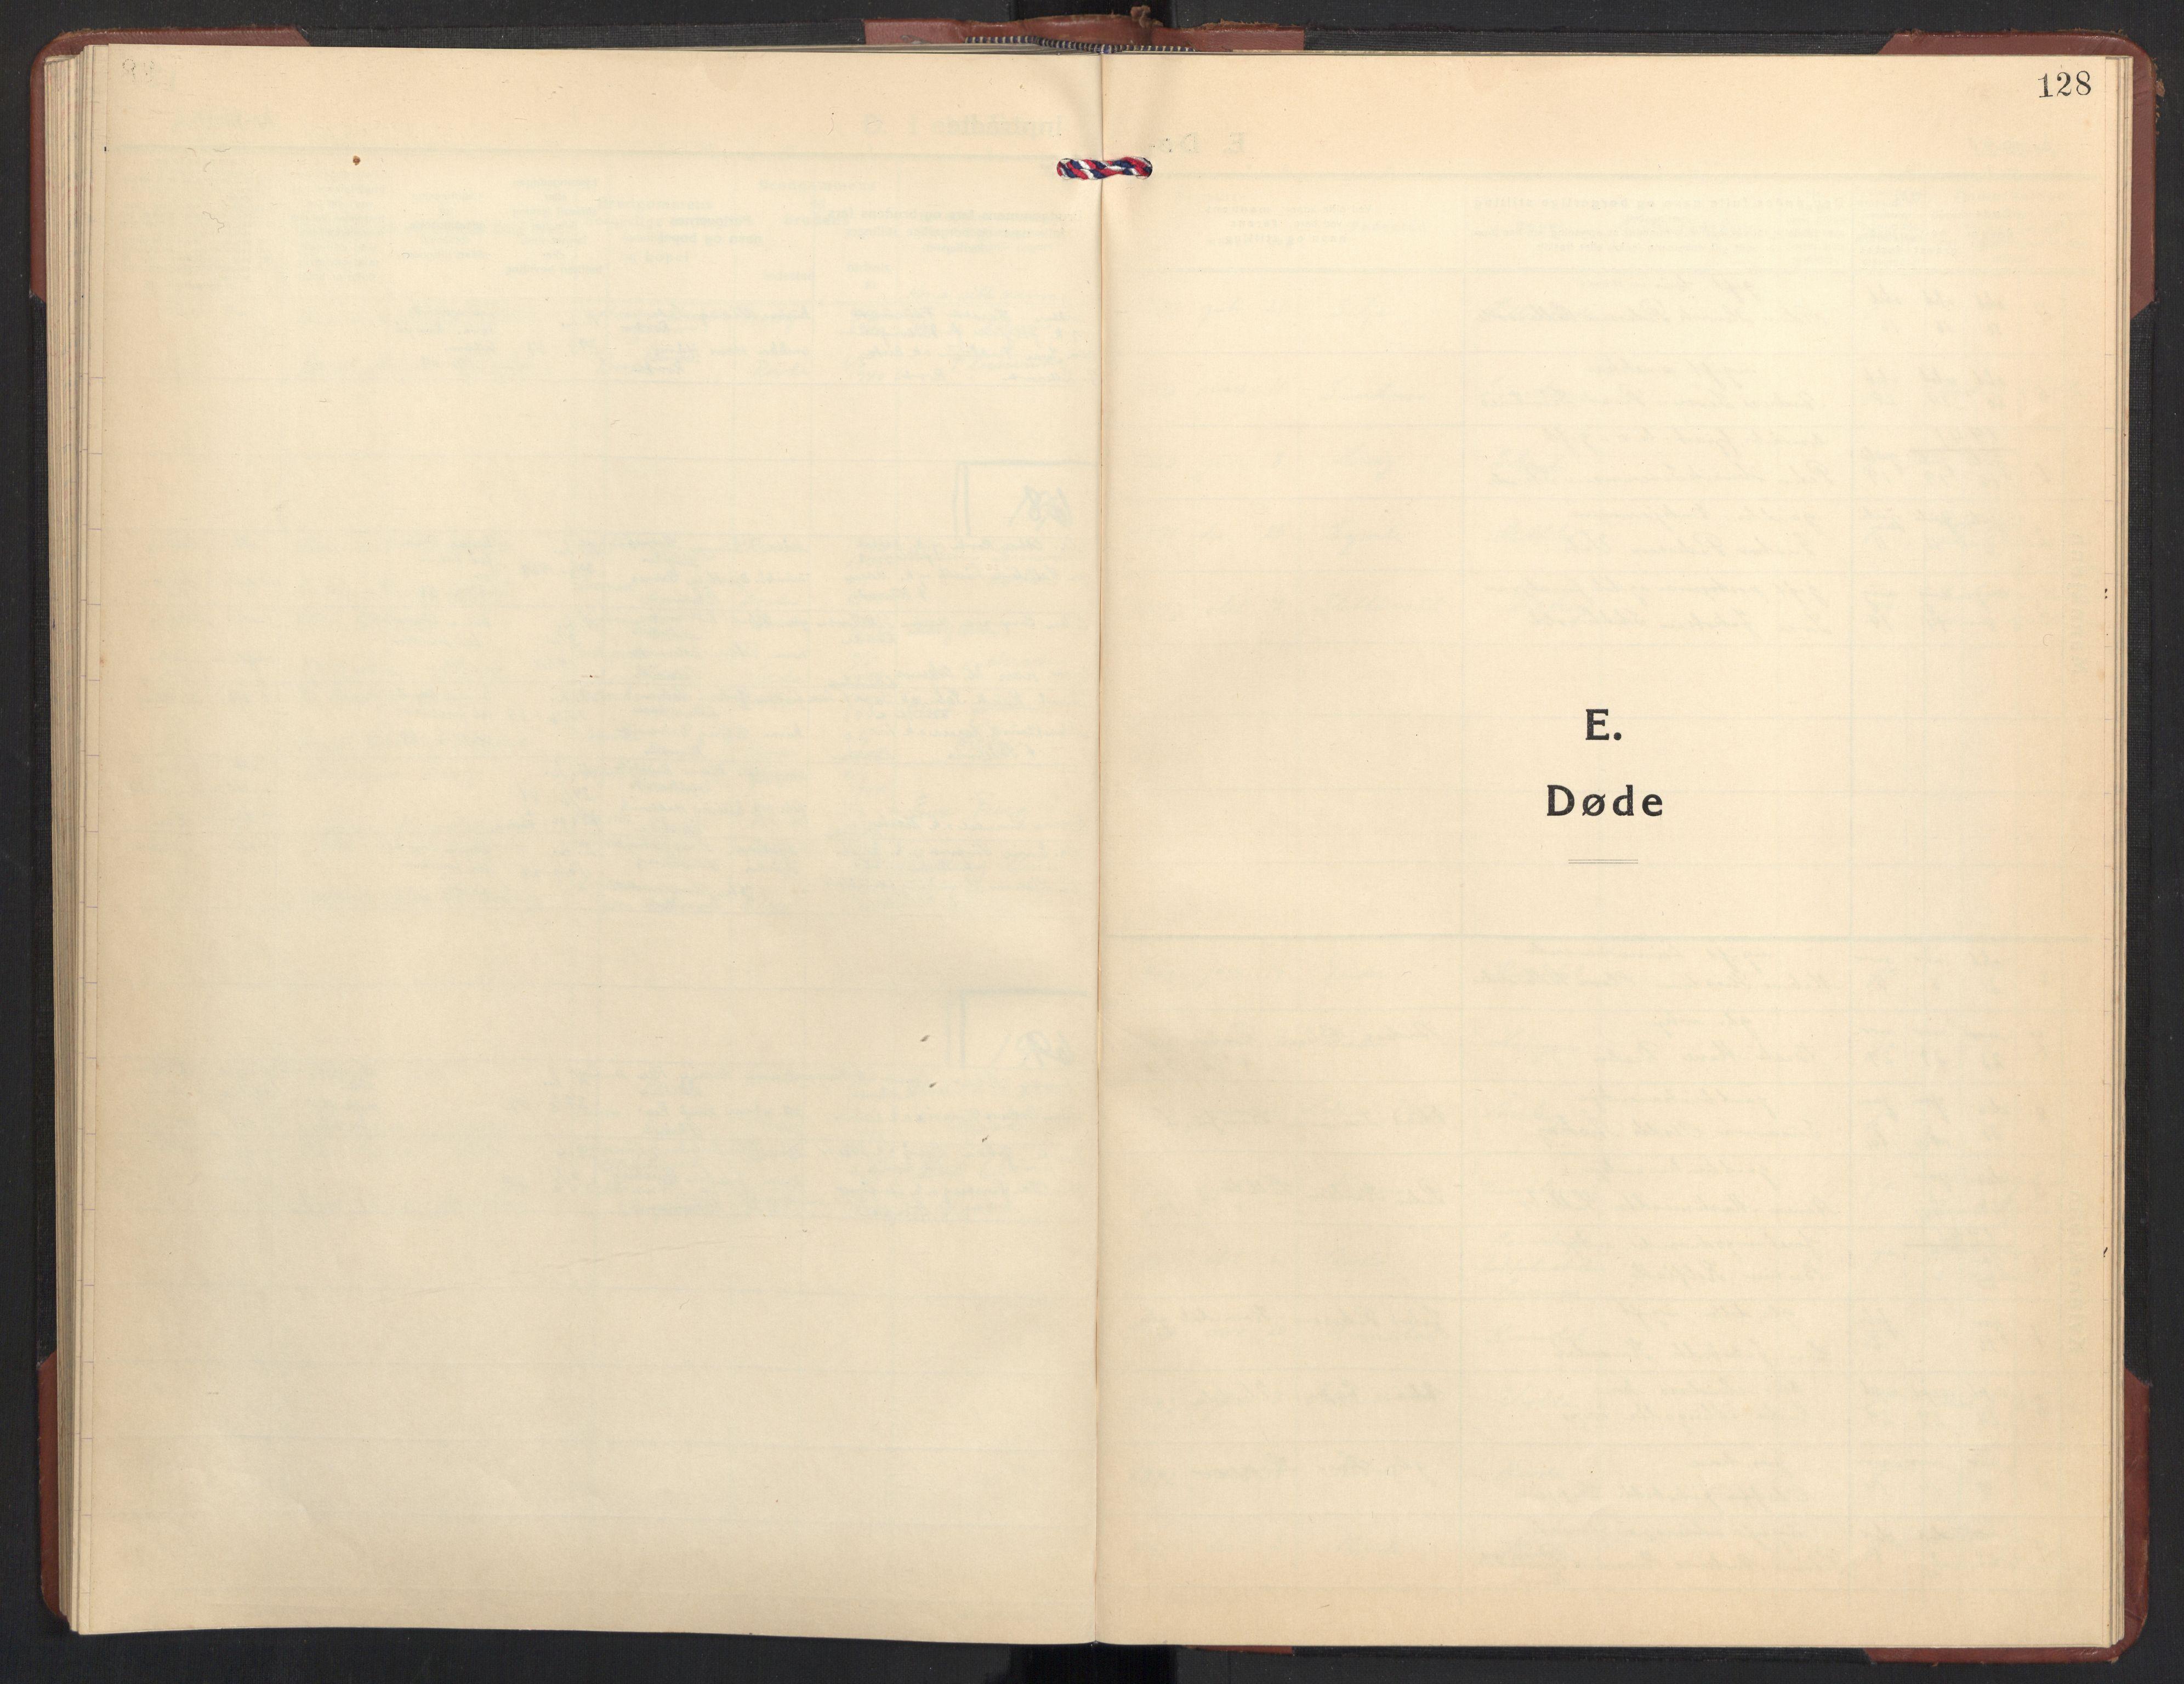 SAT, Ministerialprotokoller, klokkerbøker og fødselsregistre - Møre og Romsdal, 504/L0063: Klokkerbok nr. 504C05, 1939-1972, s. 128